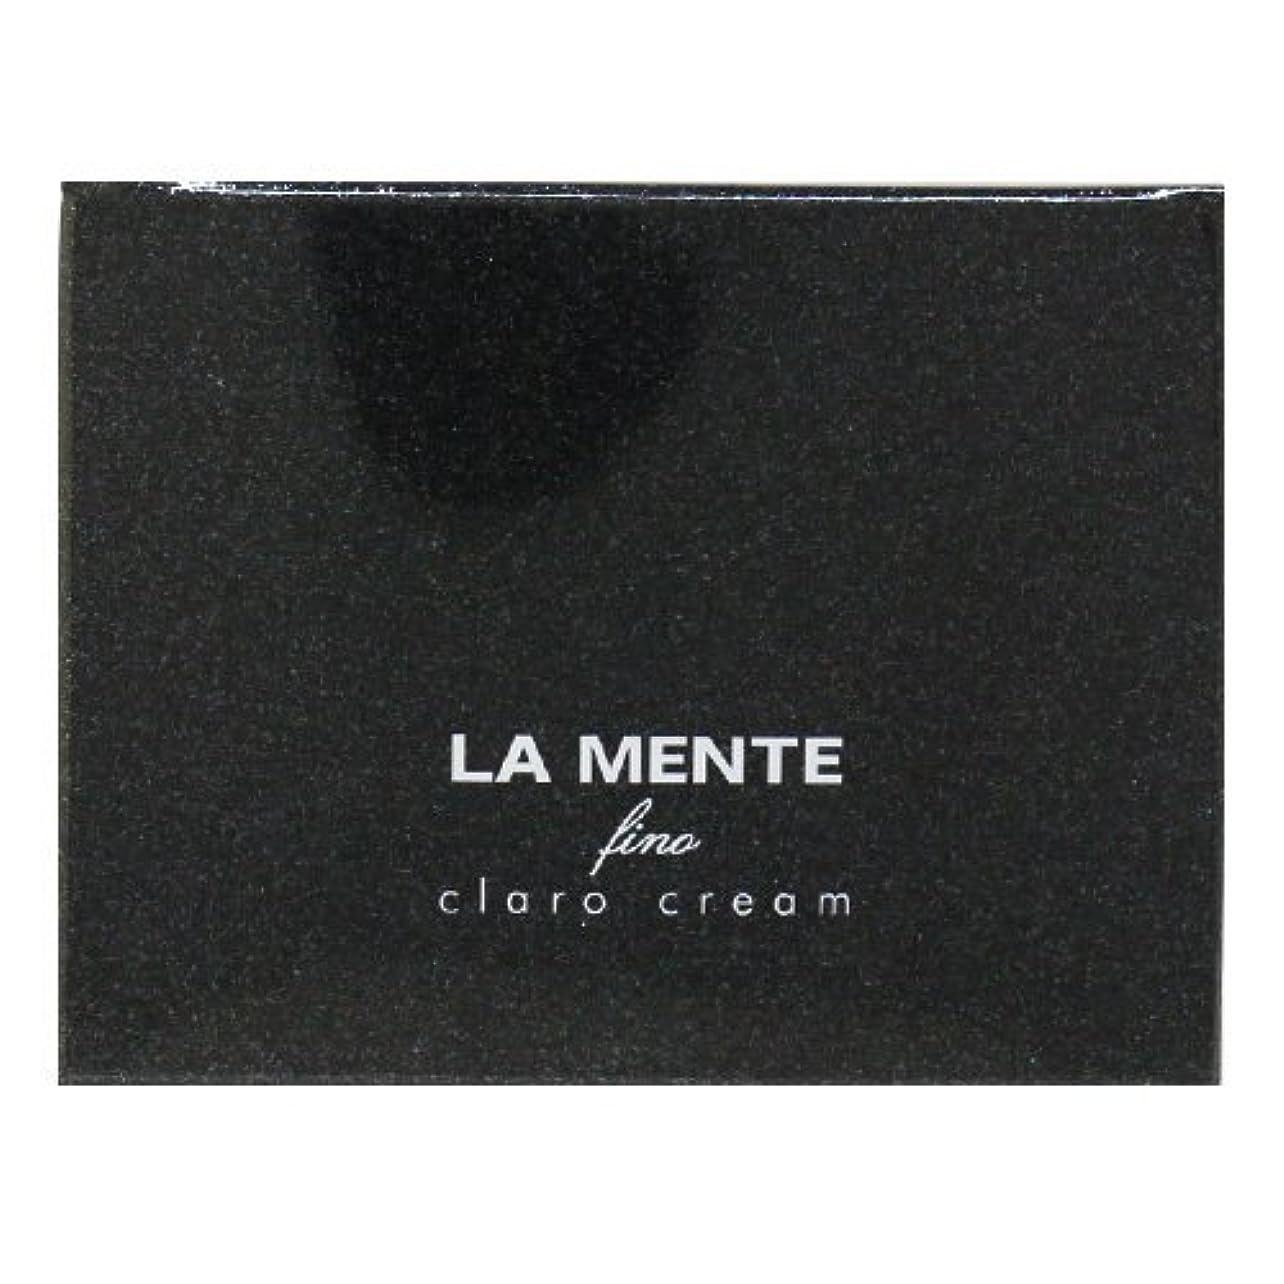 比較的保持する冗長ラメンテ フィーノ クラロクリーム 40g (4543802600963)